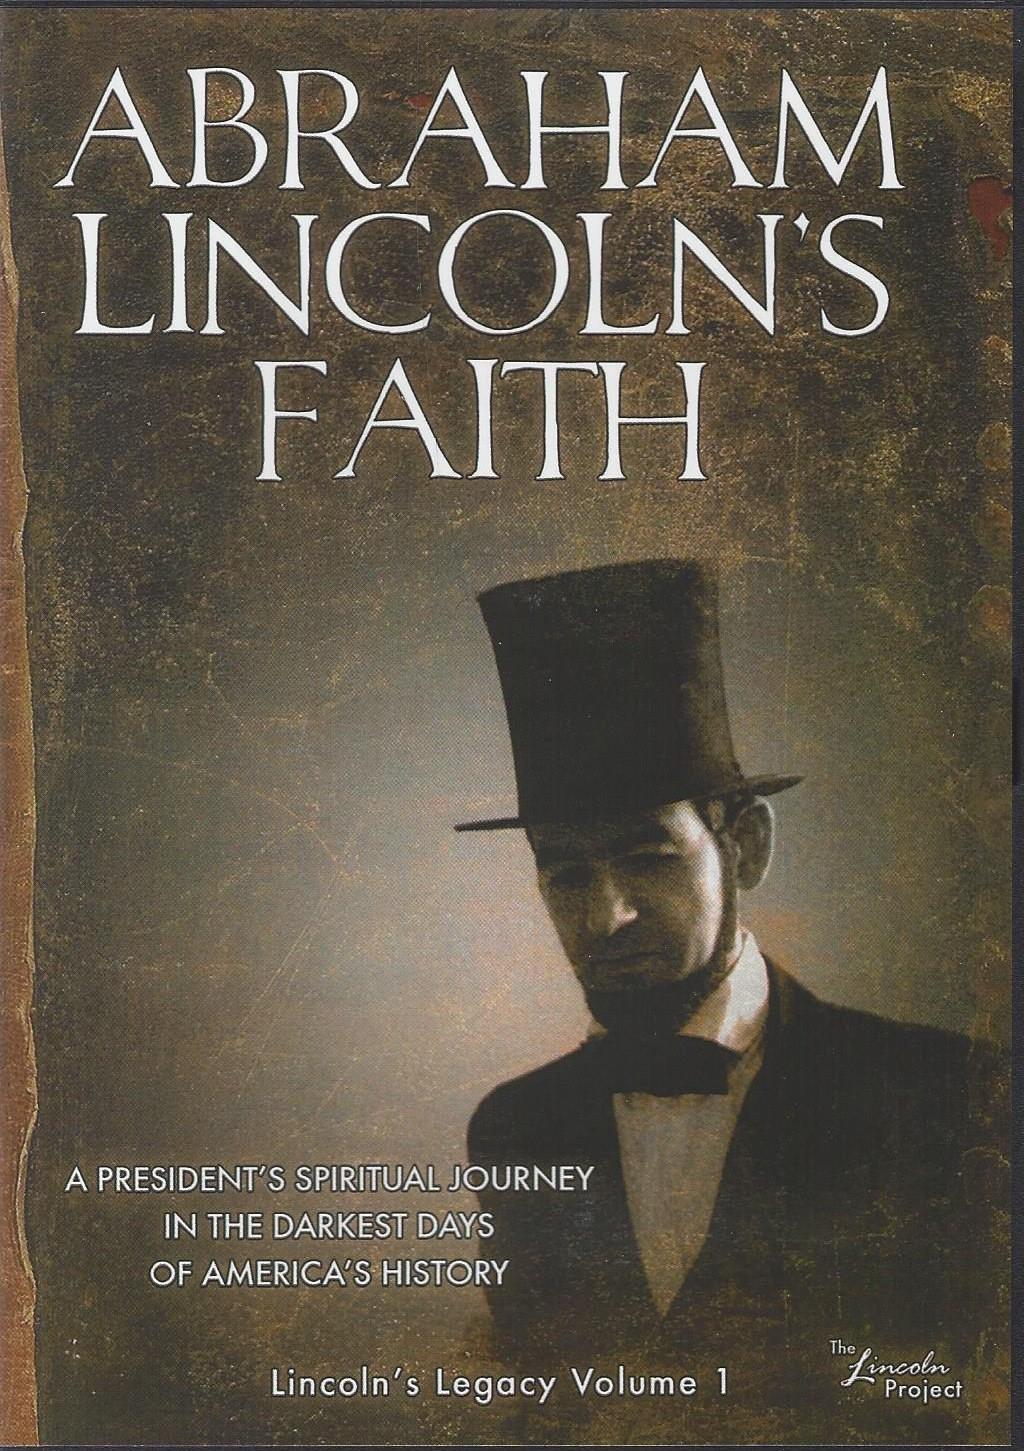 Abraham Lincoln's Faith